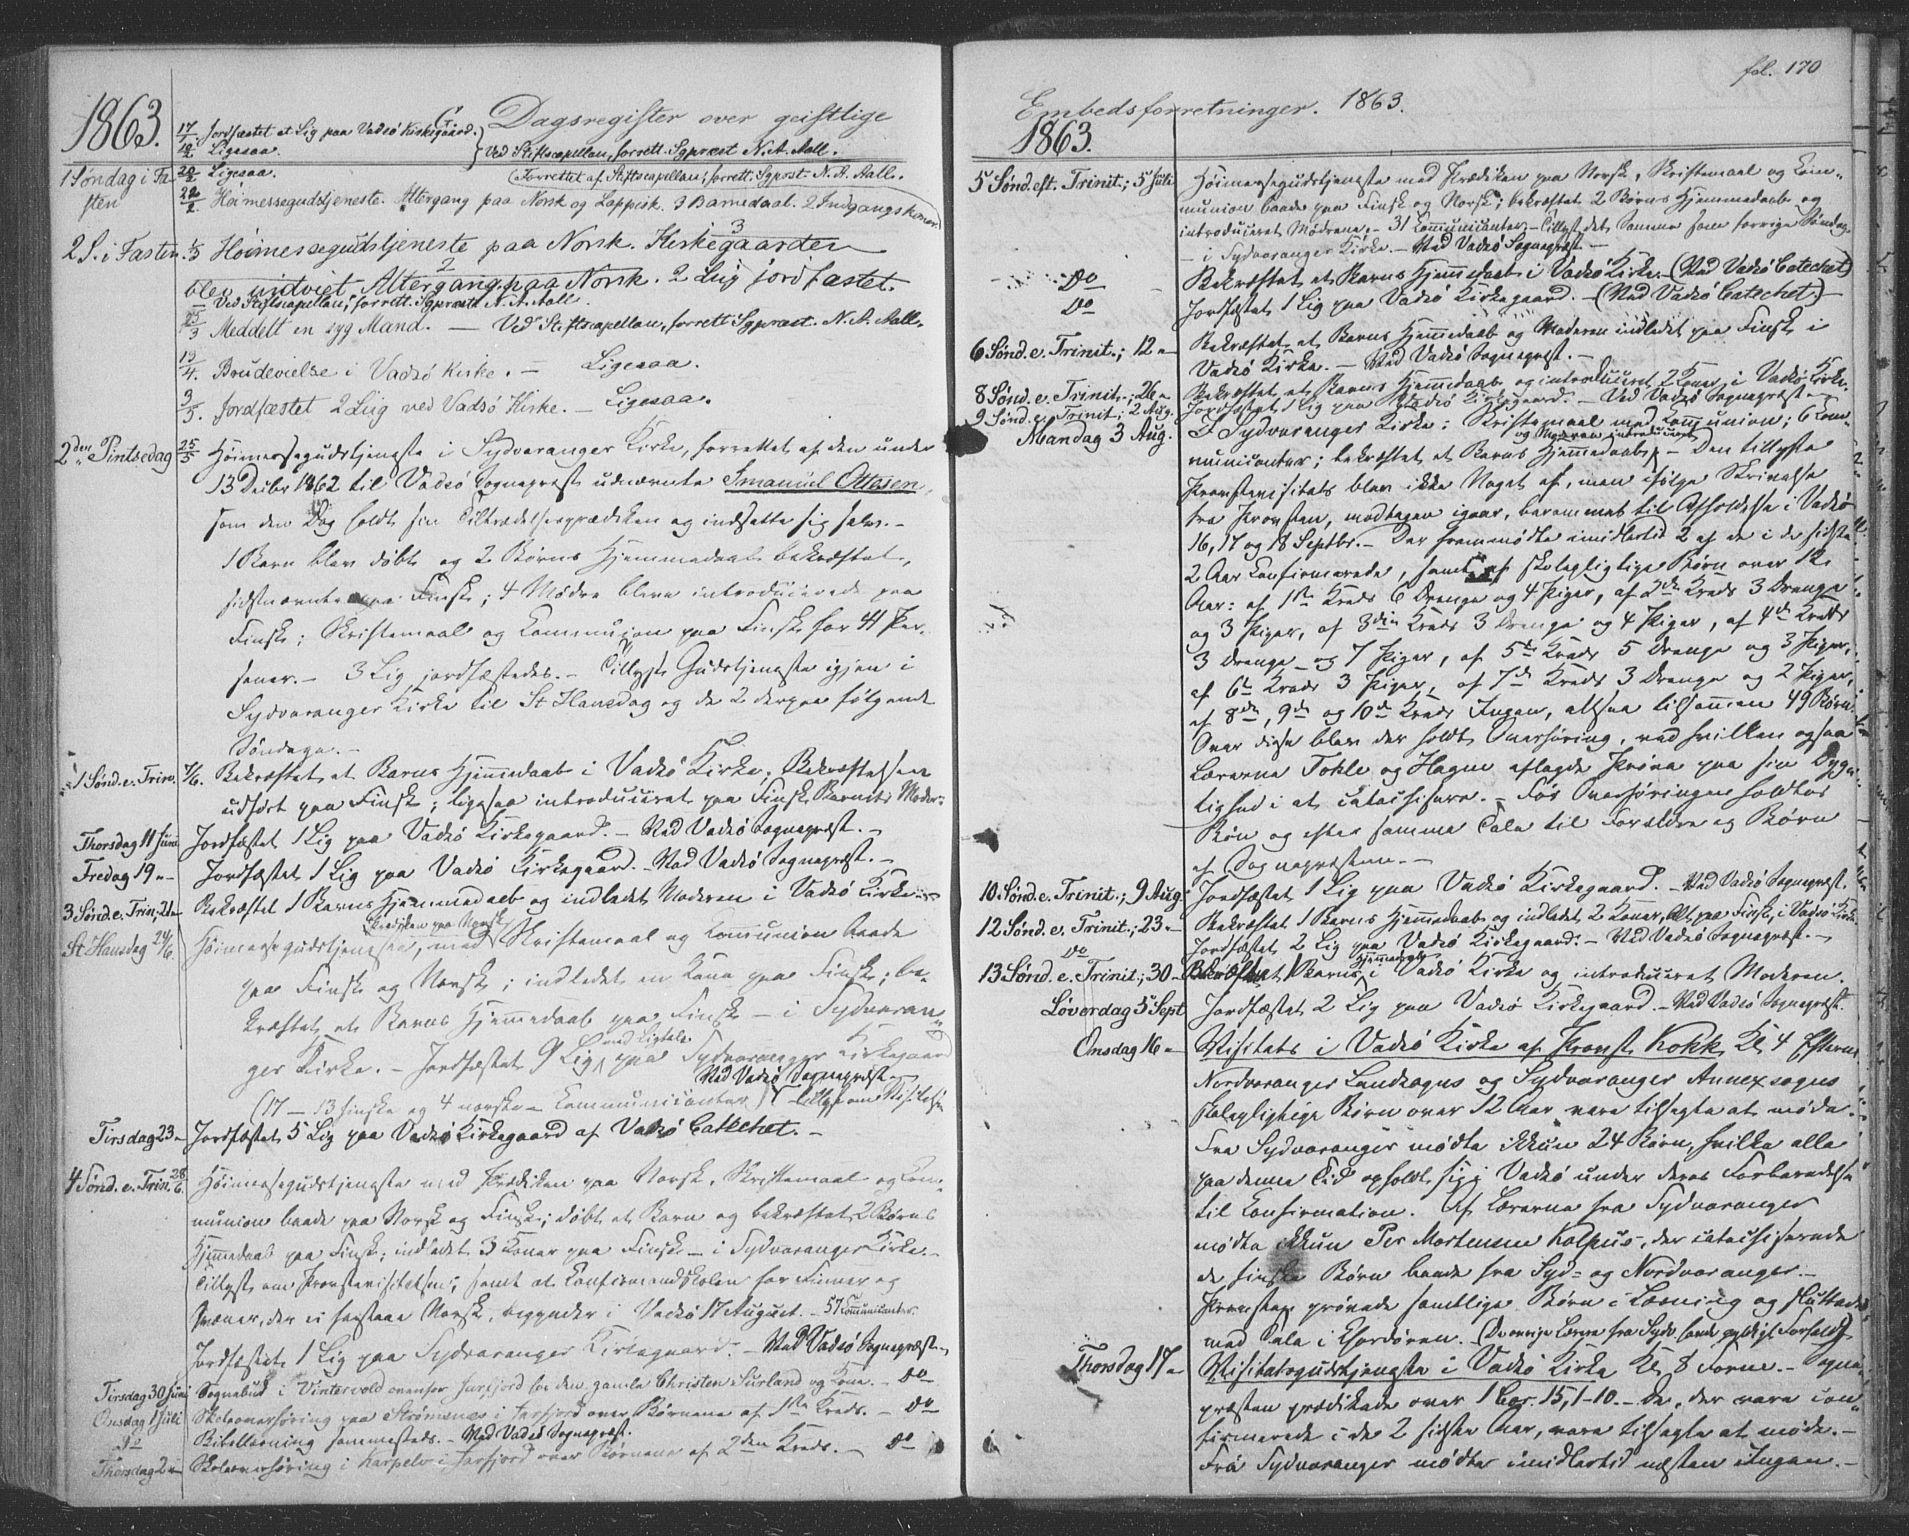 SATØ, Sør-Varanger sokneprestkontor, H/Ha/L0001kirke: Ministerialbok nr. 1, 1863-1872, s. 170